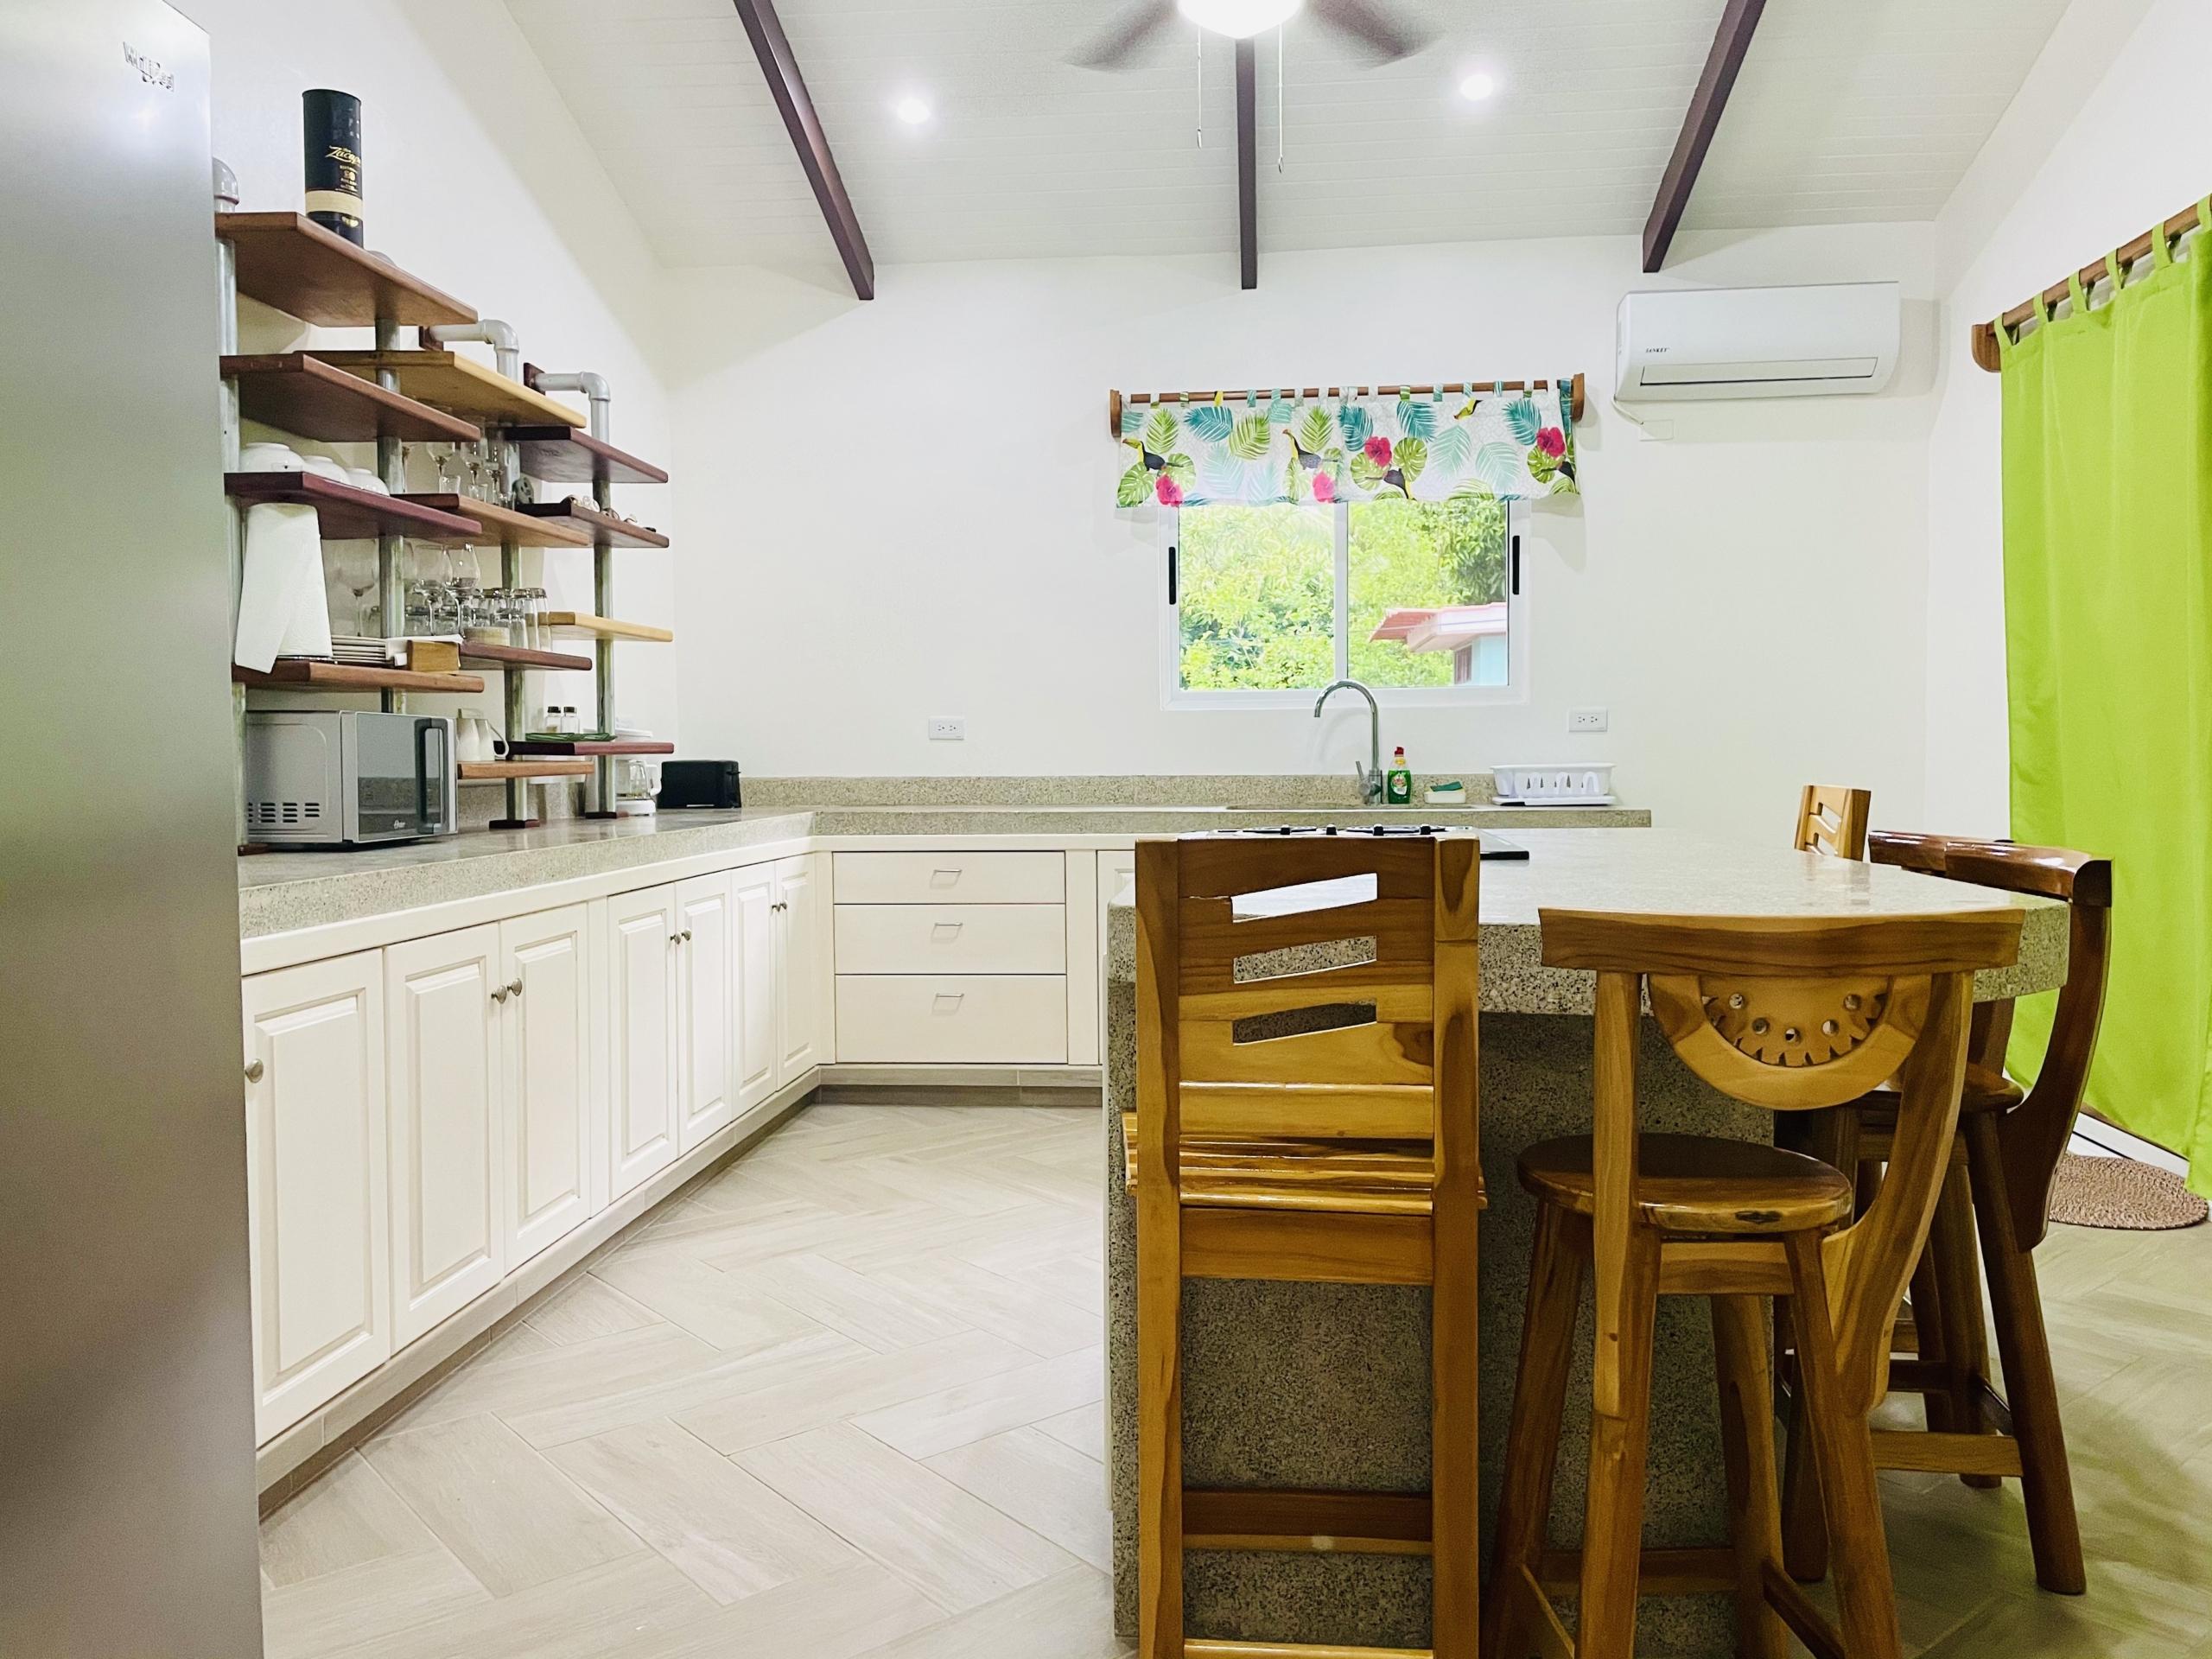 pelicano-dorado-kitchen-side